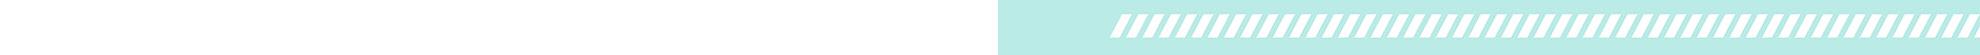 balk-rechts-3_c26ddb66d480065bf5e26c08aecf09e3